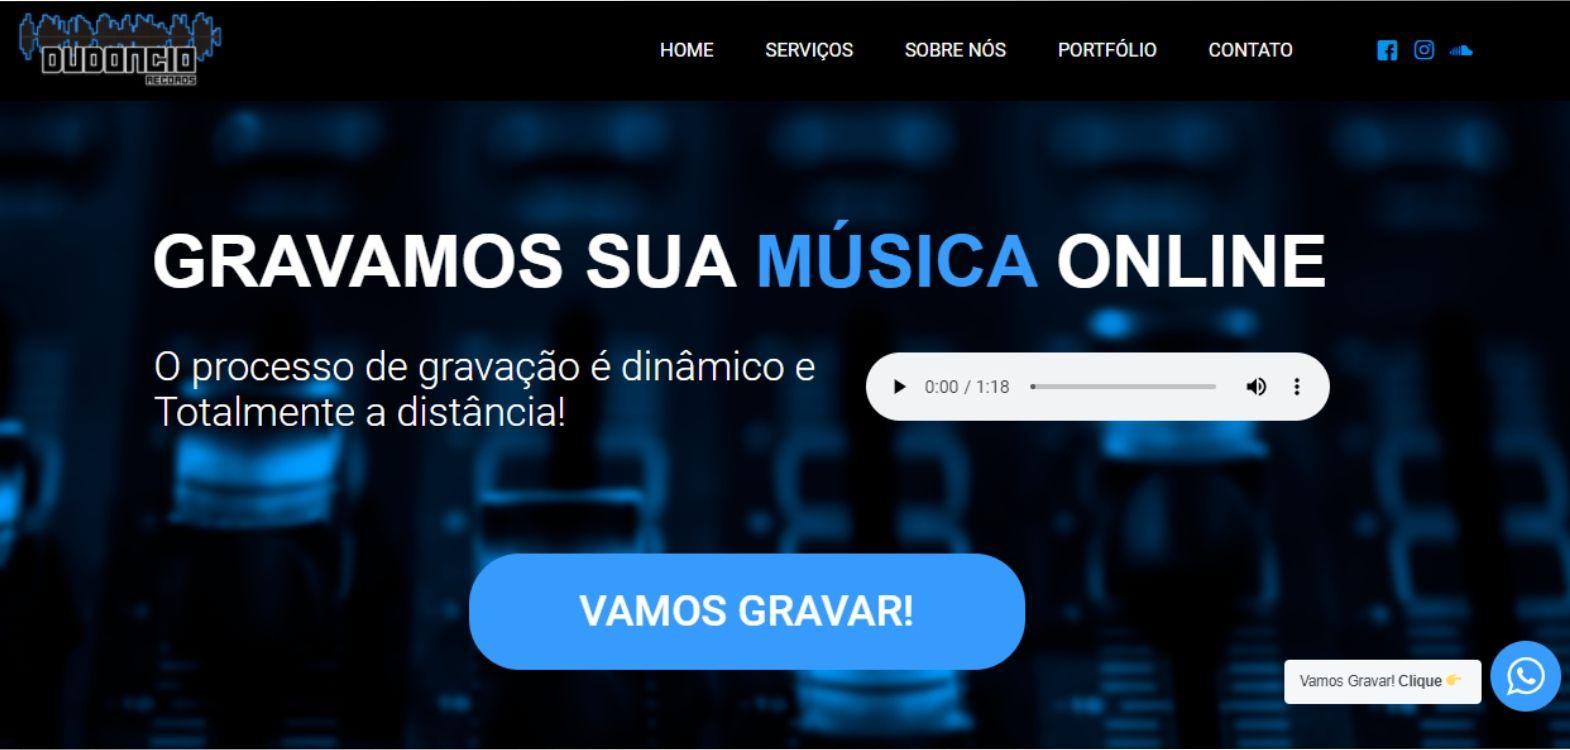 Site da Dudoncio Records